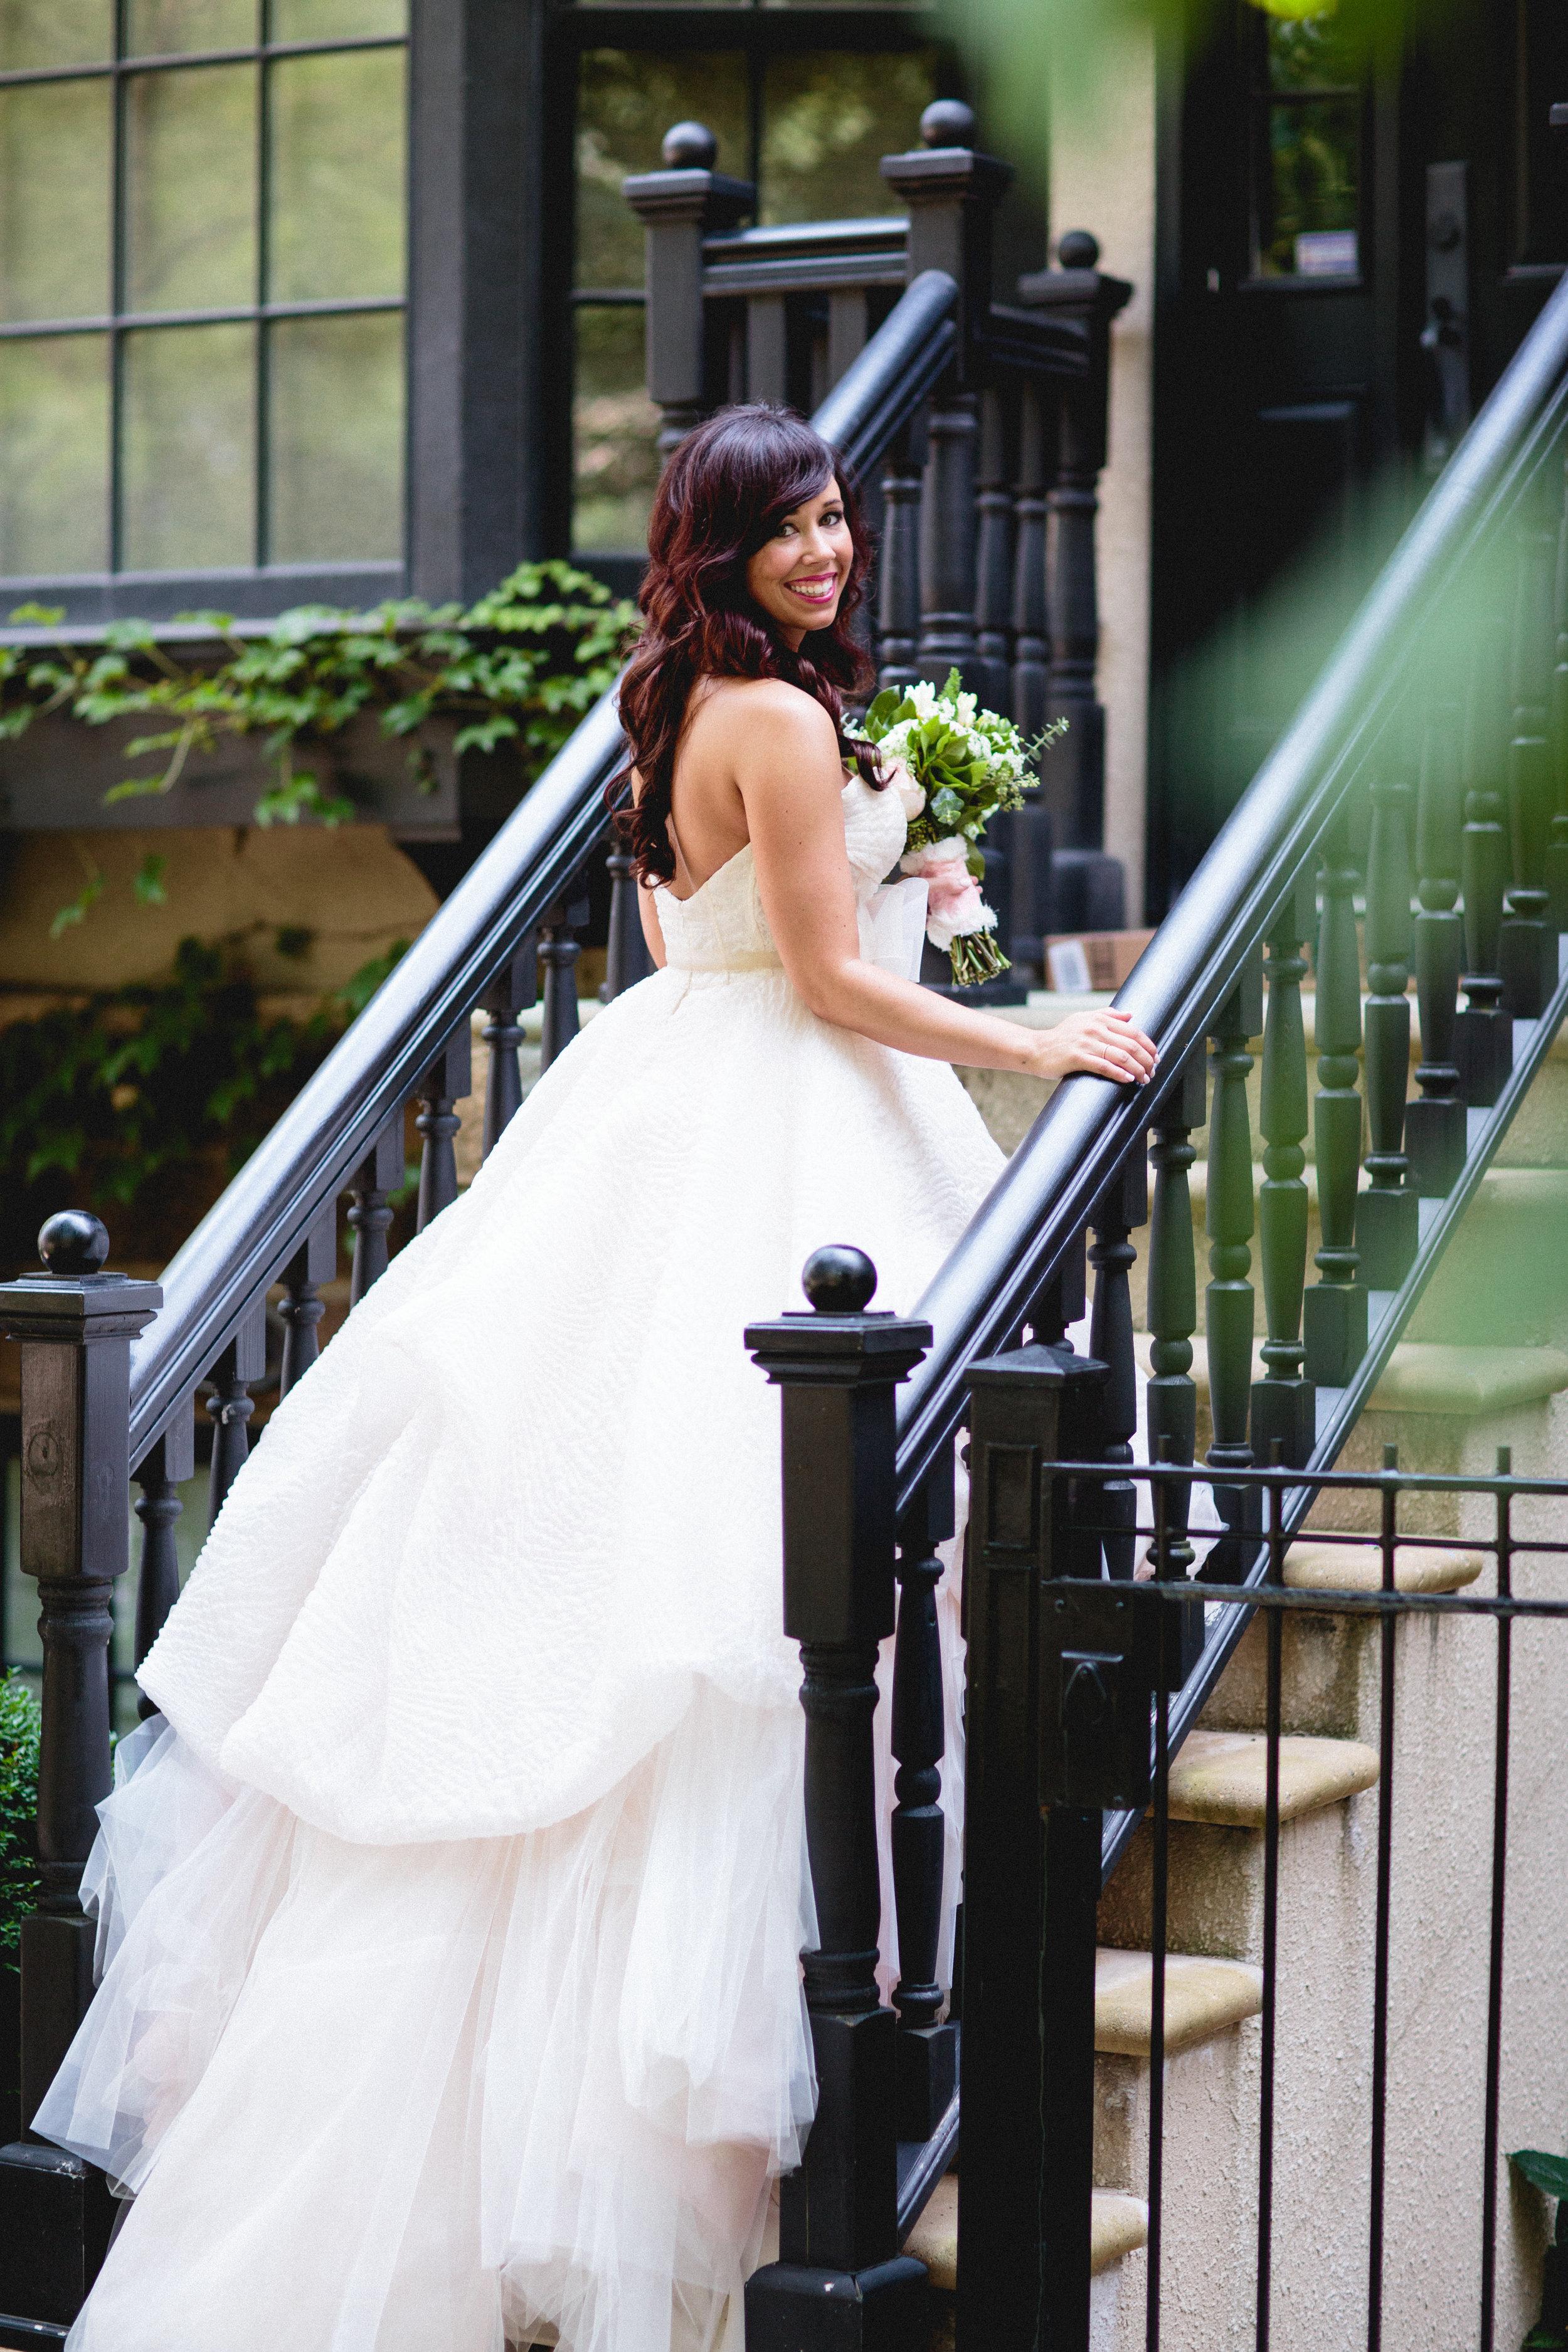 Bride Photographer Columbus Ohio - Bride Poses